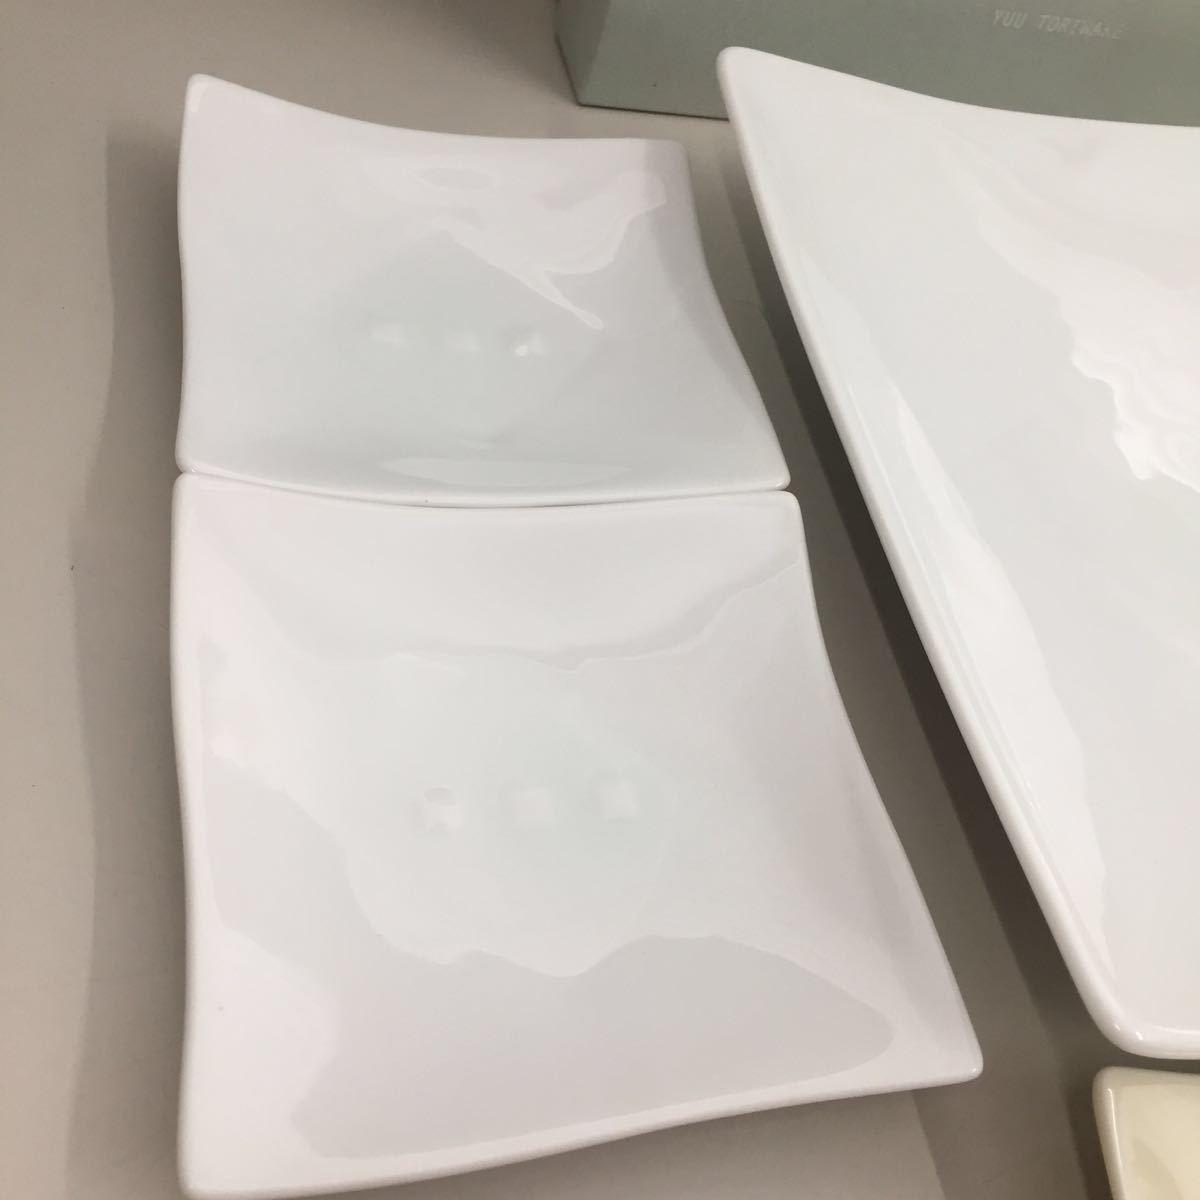 未使用 たち吉 釉 角皿 銘々皿 取り分け揃 箱入り 橘吉 和食器 小皿 自己保管_画像6